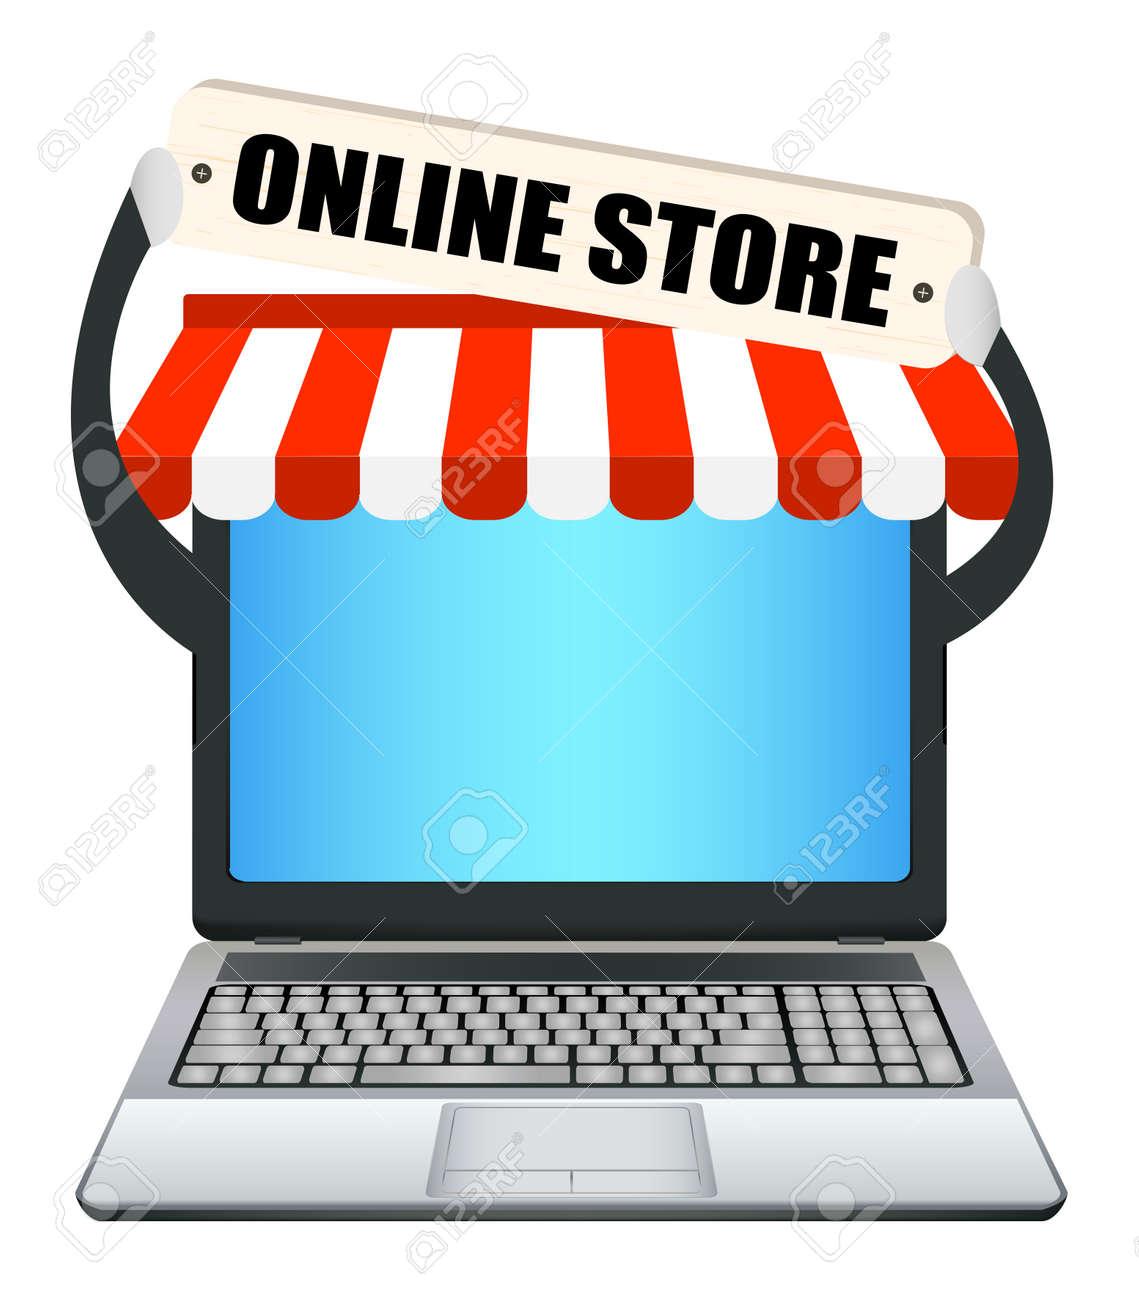 Tiendas De Ordenadores Online.Ordenador Portatil Con La Bandera En La Tienda Online